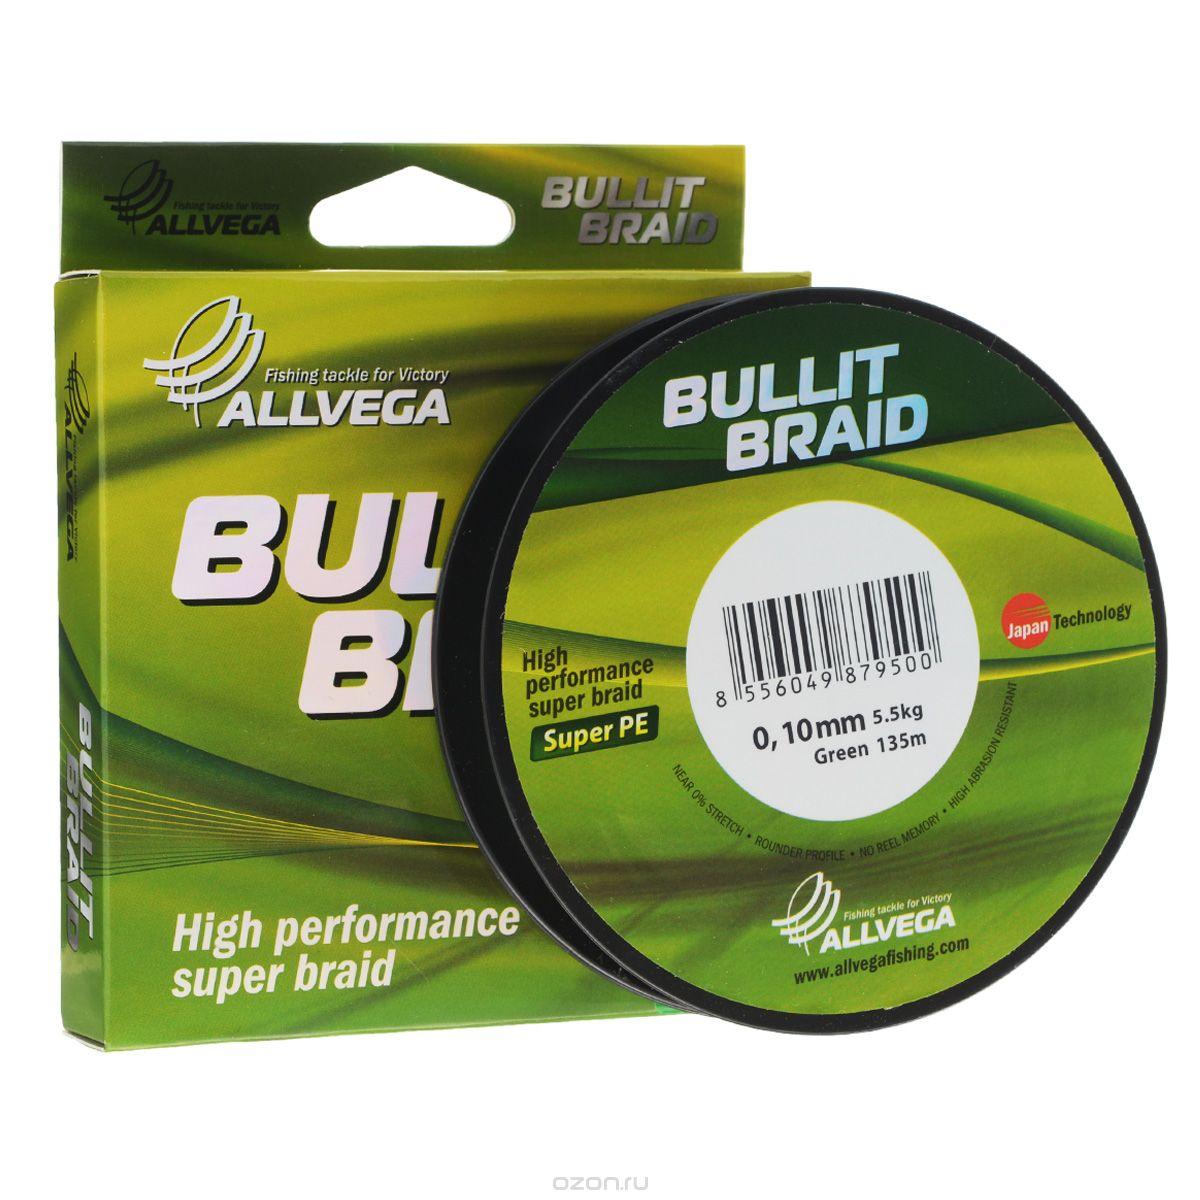 Леска плетеная Allvega Bullit Braid 270м тёмно-зелёный  0.18мм (12,2кг) (89100)Плетеные шнуры<br>Леска Allvega Bullit Braid с гладкой поверхностью и одинаковым сечением по всей длине обладает высокой износостойкостью. Благодаря микроволокнам полиэтилена (Super PE) леска имеет очень плотное плетение и не впитывает воду. Леску Allvega Bullit Braid ...<br>